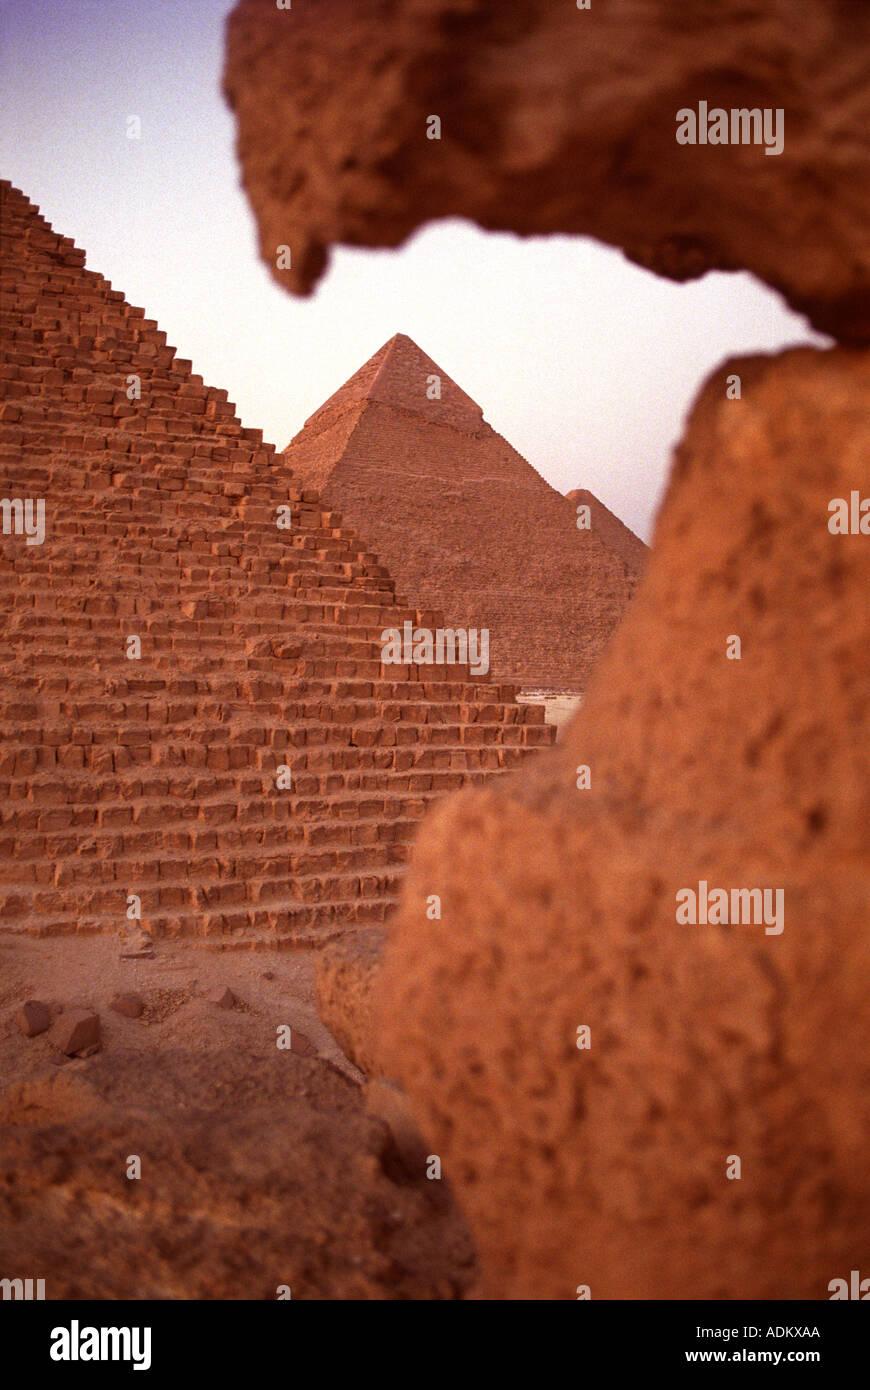 DIE PYRAMIDEN VON GIZEH IN DER NÄHE VON KAIRO Stockfoto